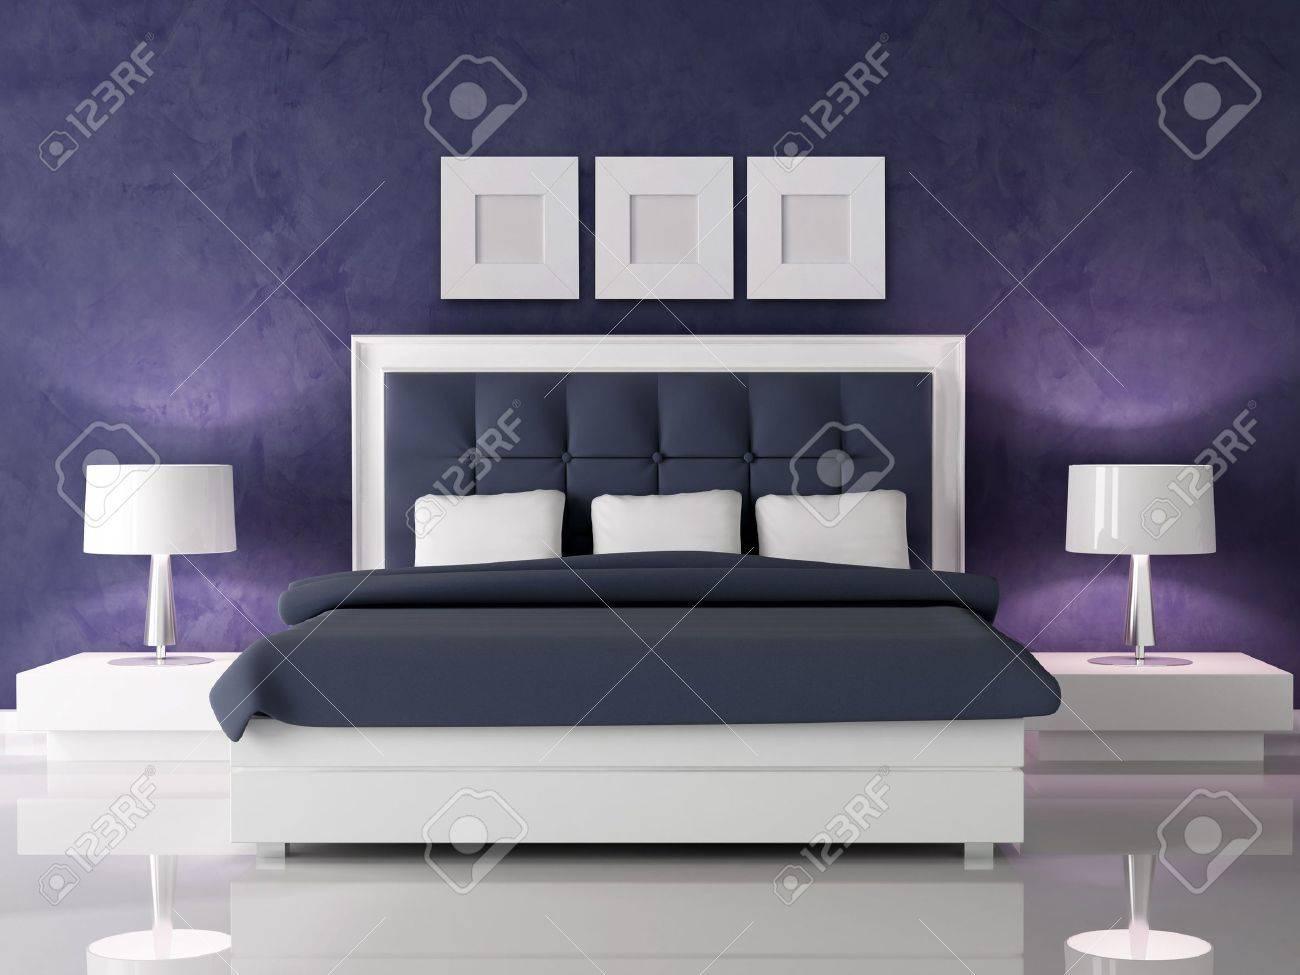 Fashio Weiss Und Navy Blau Schlafzimmer Gegen Dark Purple Stucco Wall Rendering Lizenzfreie Fotos Bilder Und Stock Fotografie Image 5779502